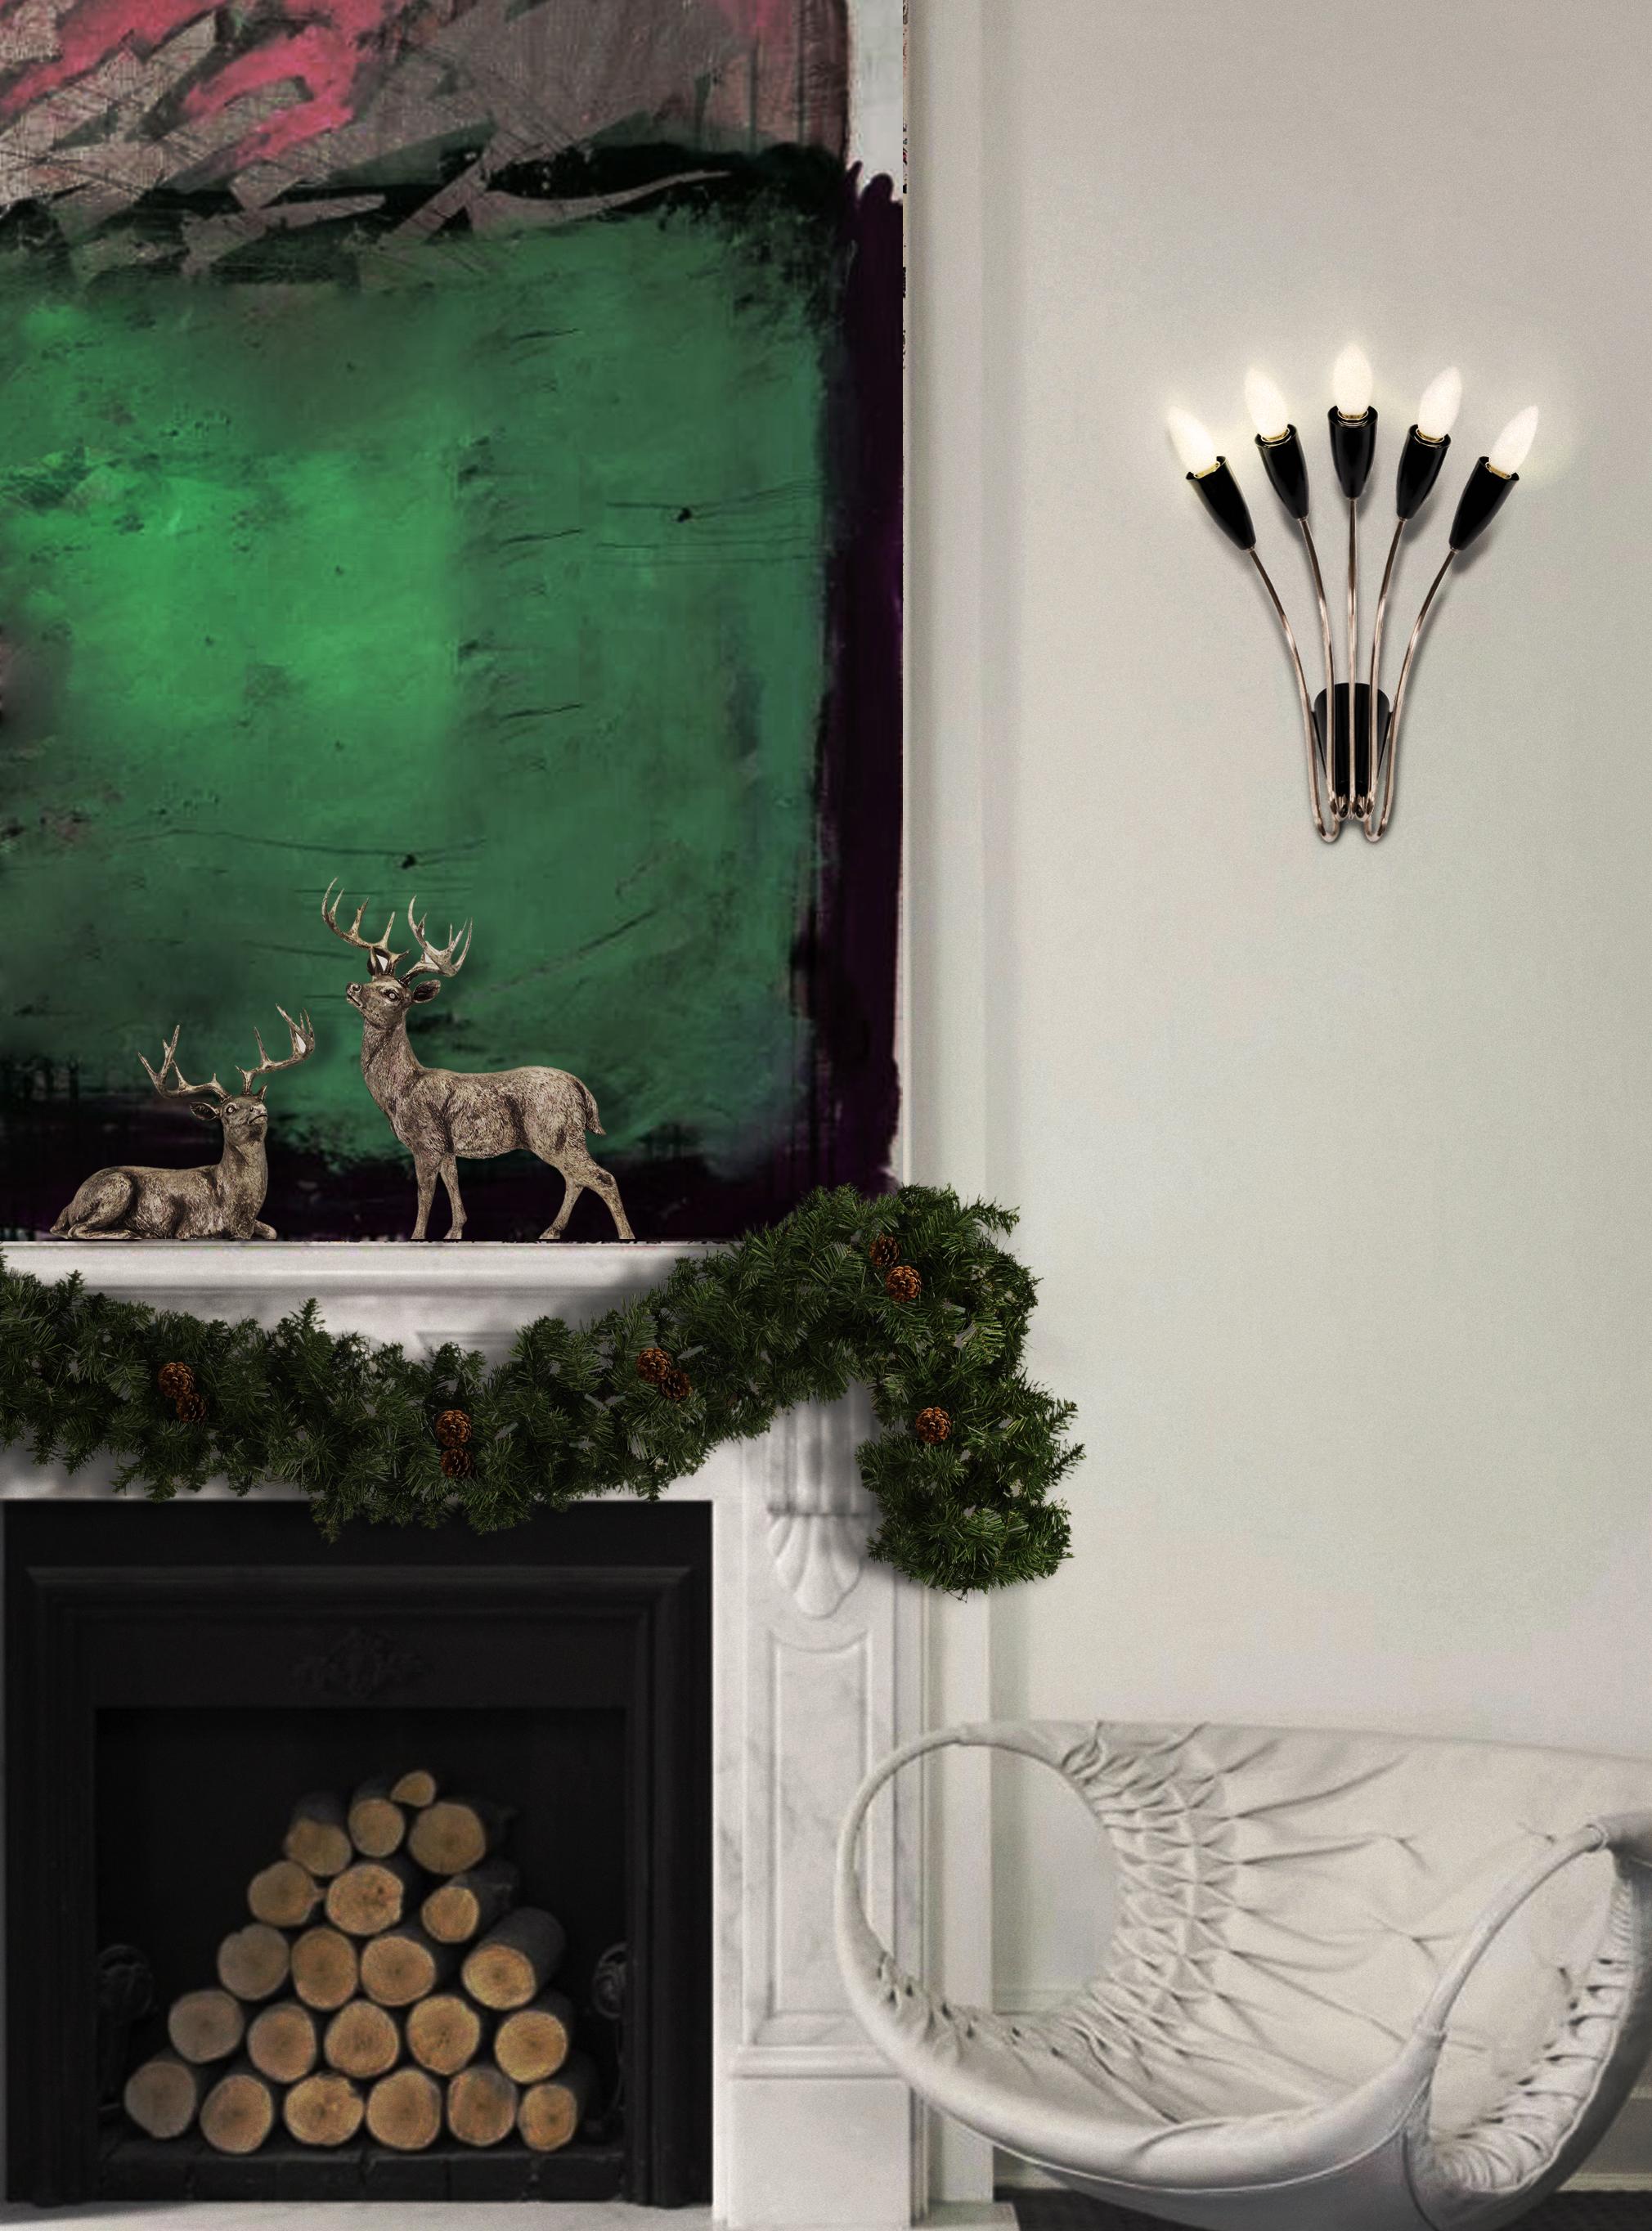 суккуленты суккуленты Суккуленты: создаем зеленые композиции дома! norah wall ambience 01 christmas HR